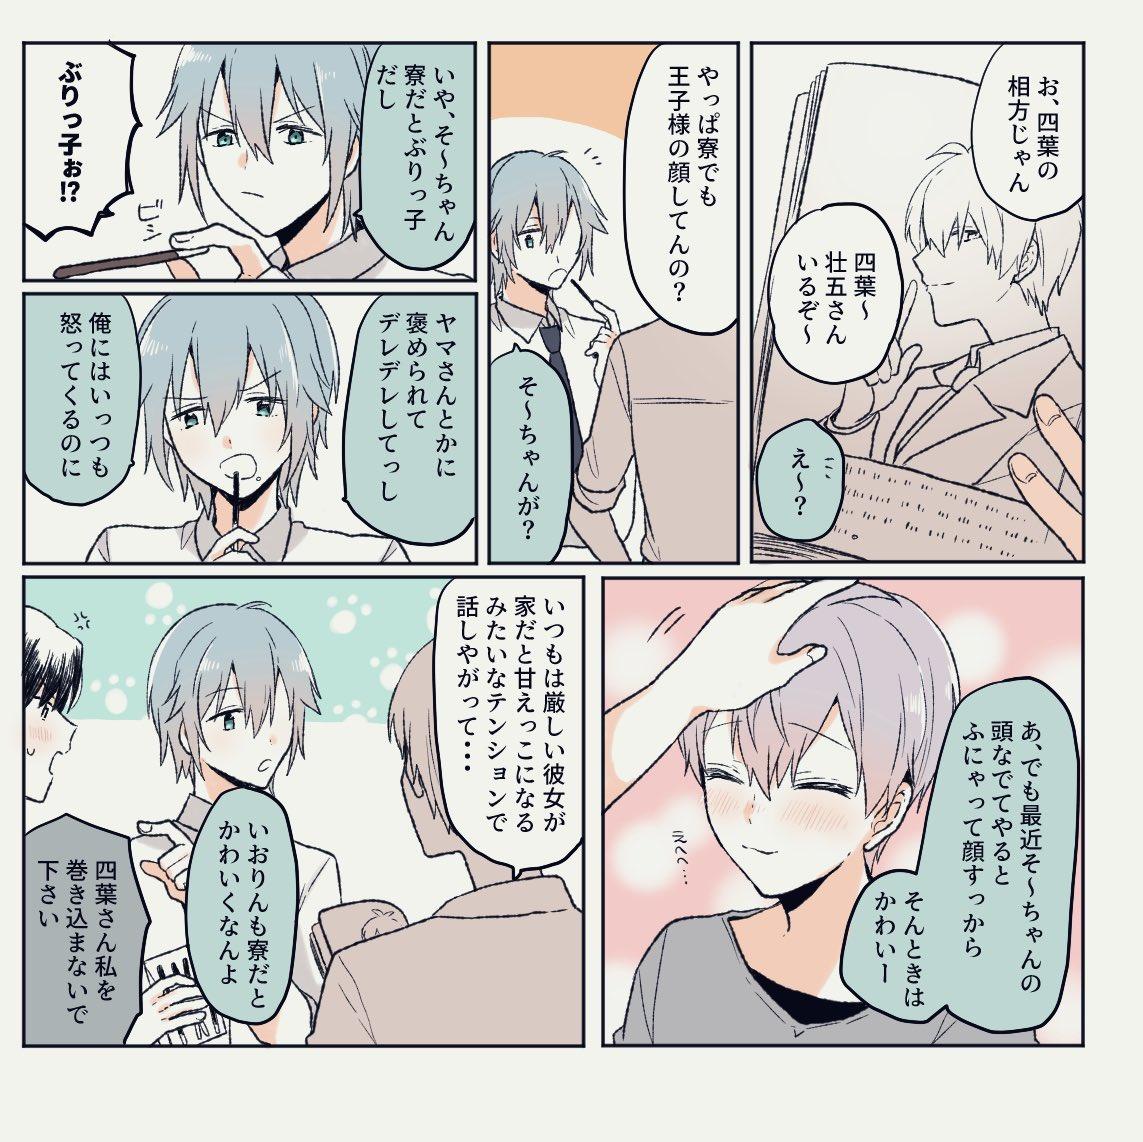 おうちでは可愛い逢坂さん(環壮)